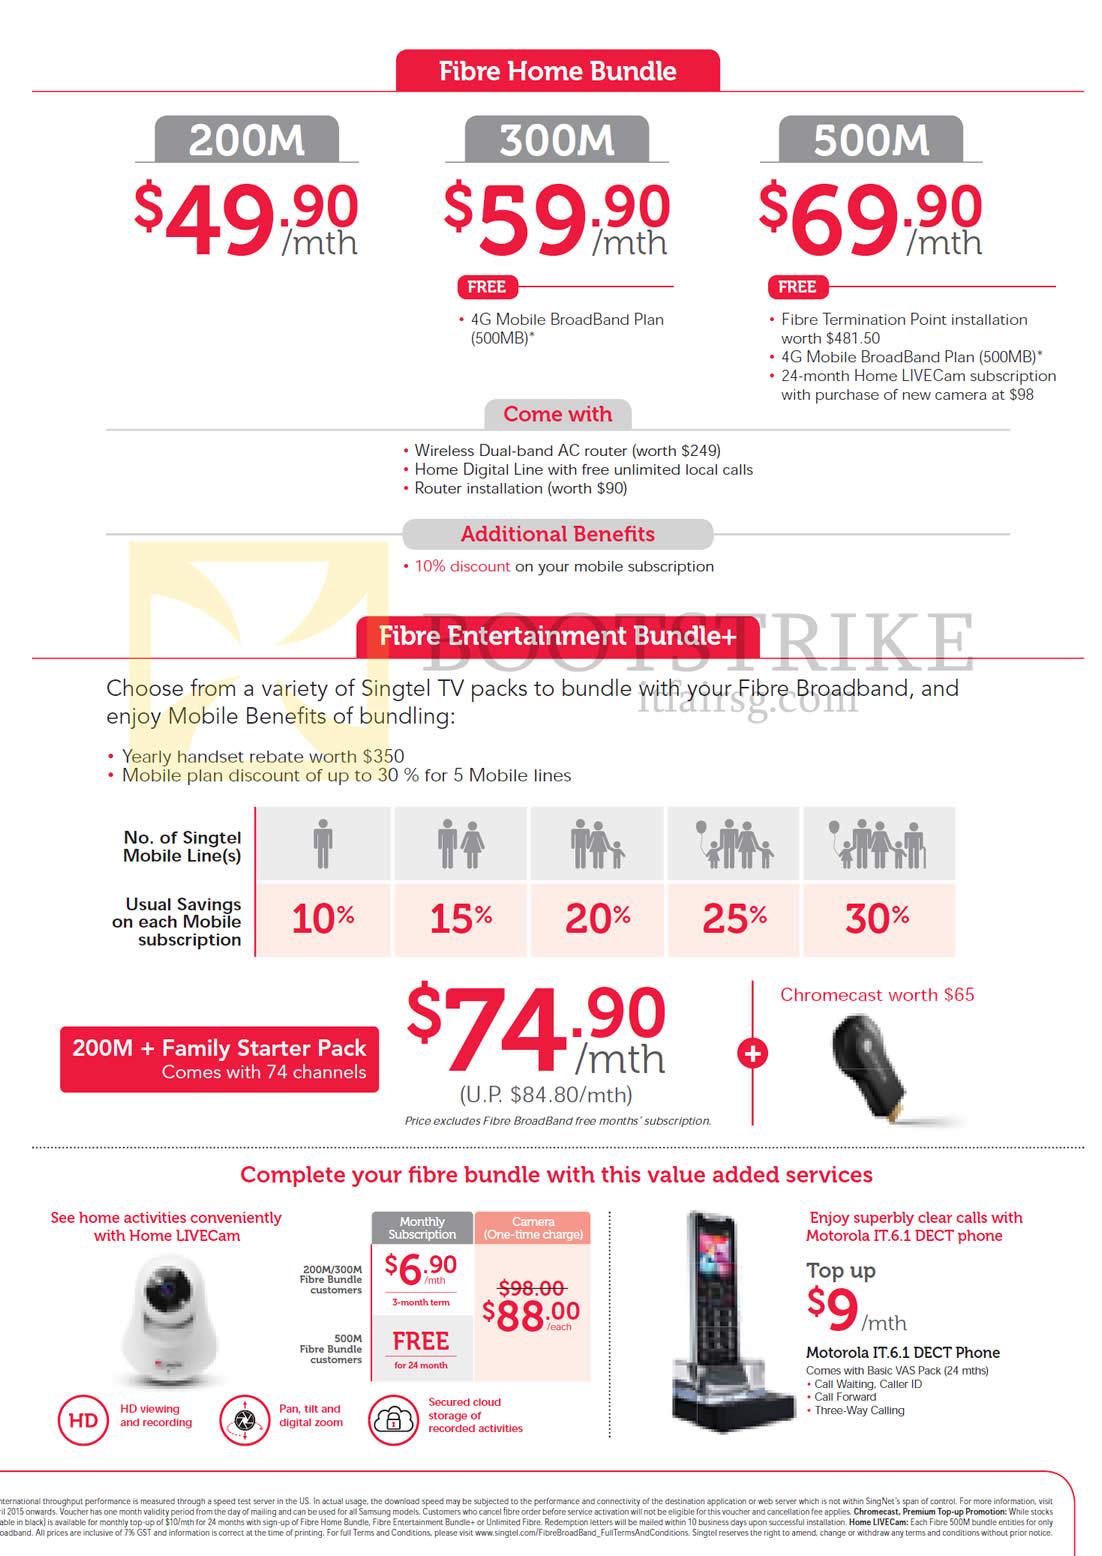 IT SHOW 2015 price list image brochure of Singtel Fibre Home Bundle, 200M, 300M, 500M, Fibre Entertainment Bundle, 200M Family Starter Pack, Chromecast, Home LIVECam, Motorola IT.6.1 DECT Phone